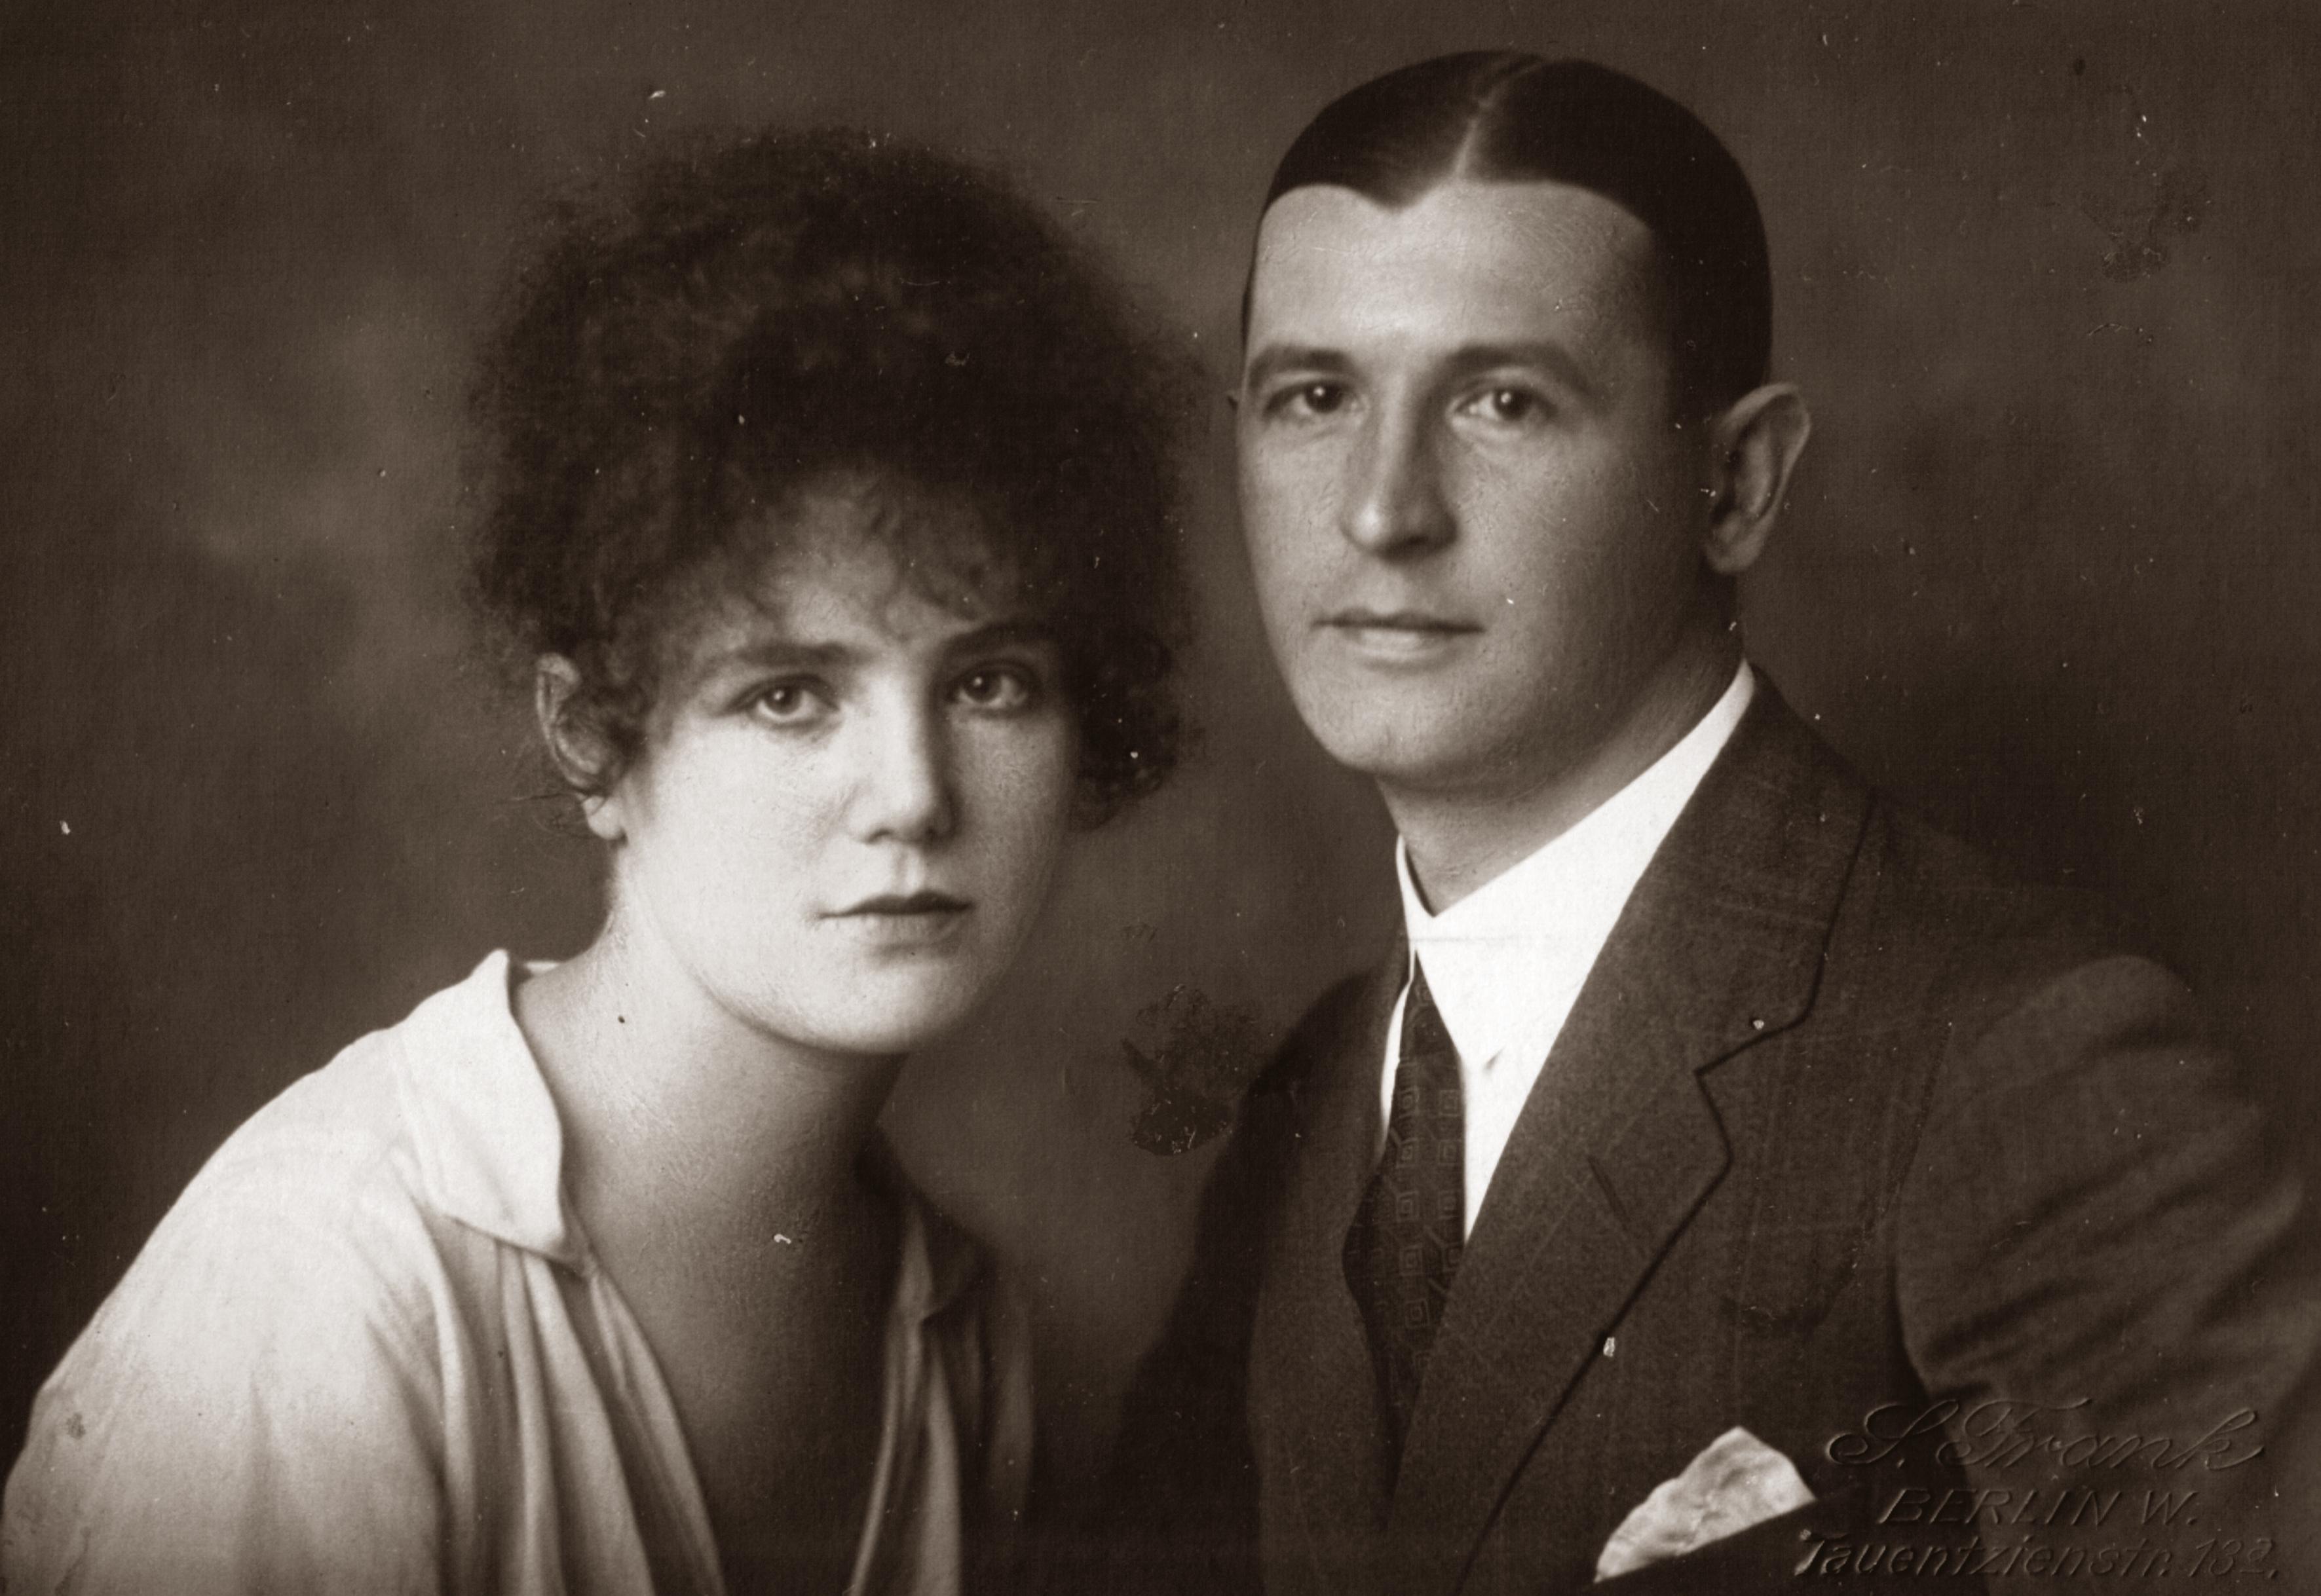 Matilda Sobolevskaya with her husband Vasiliy Sobolevskiy